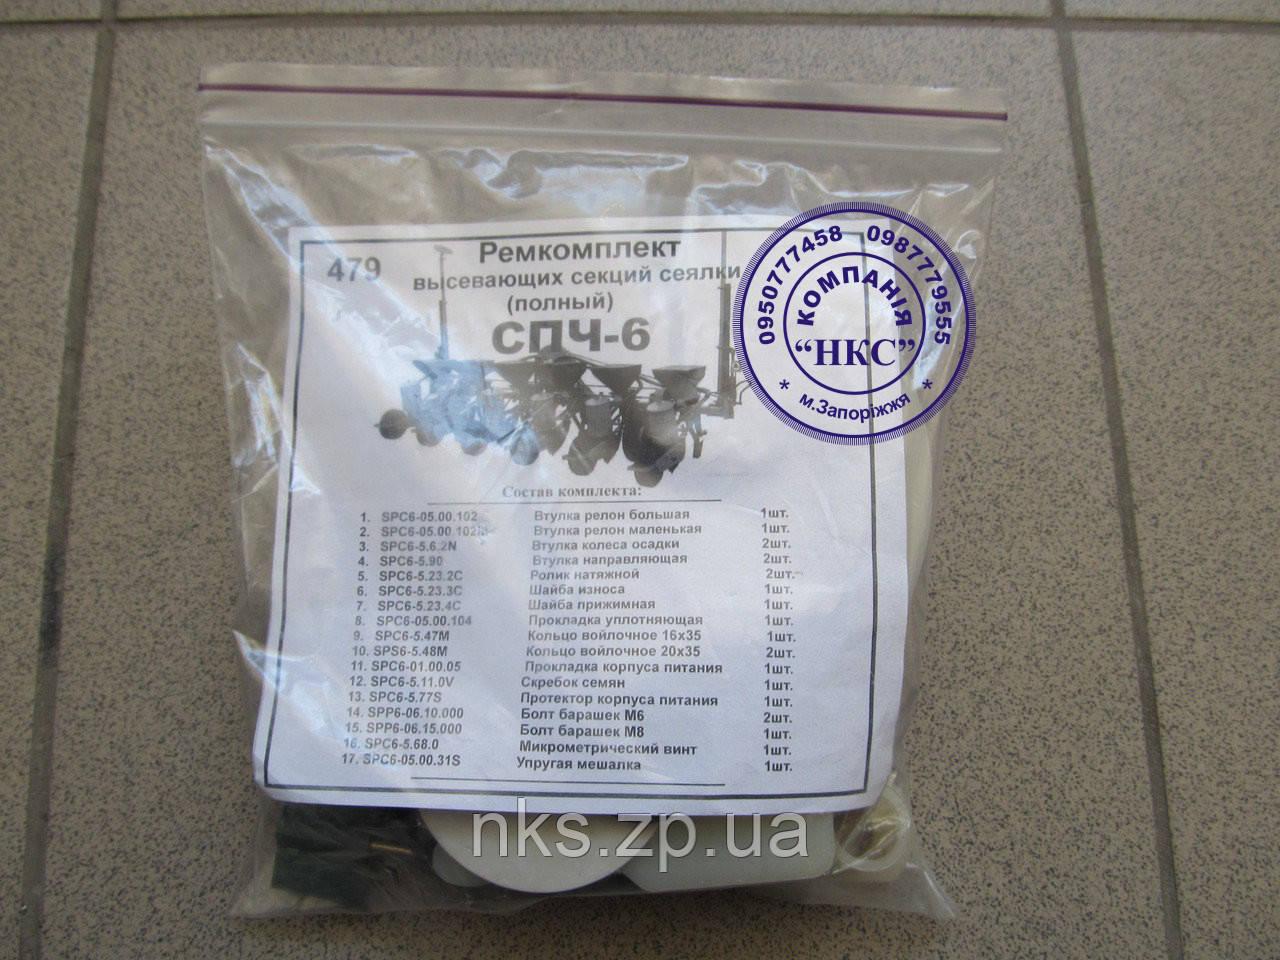 Р/к Высевающей секции (полный) СПЧ-6  №479.